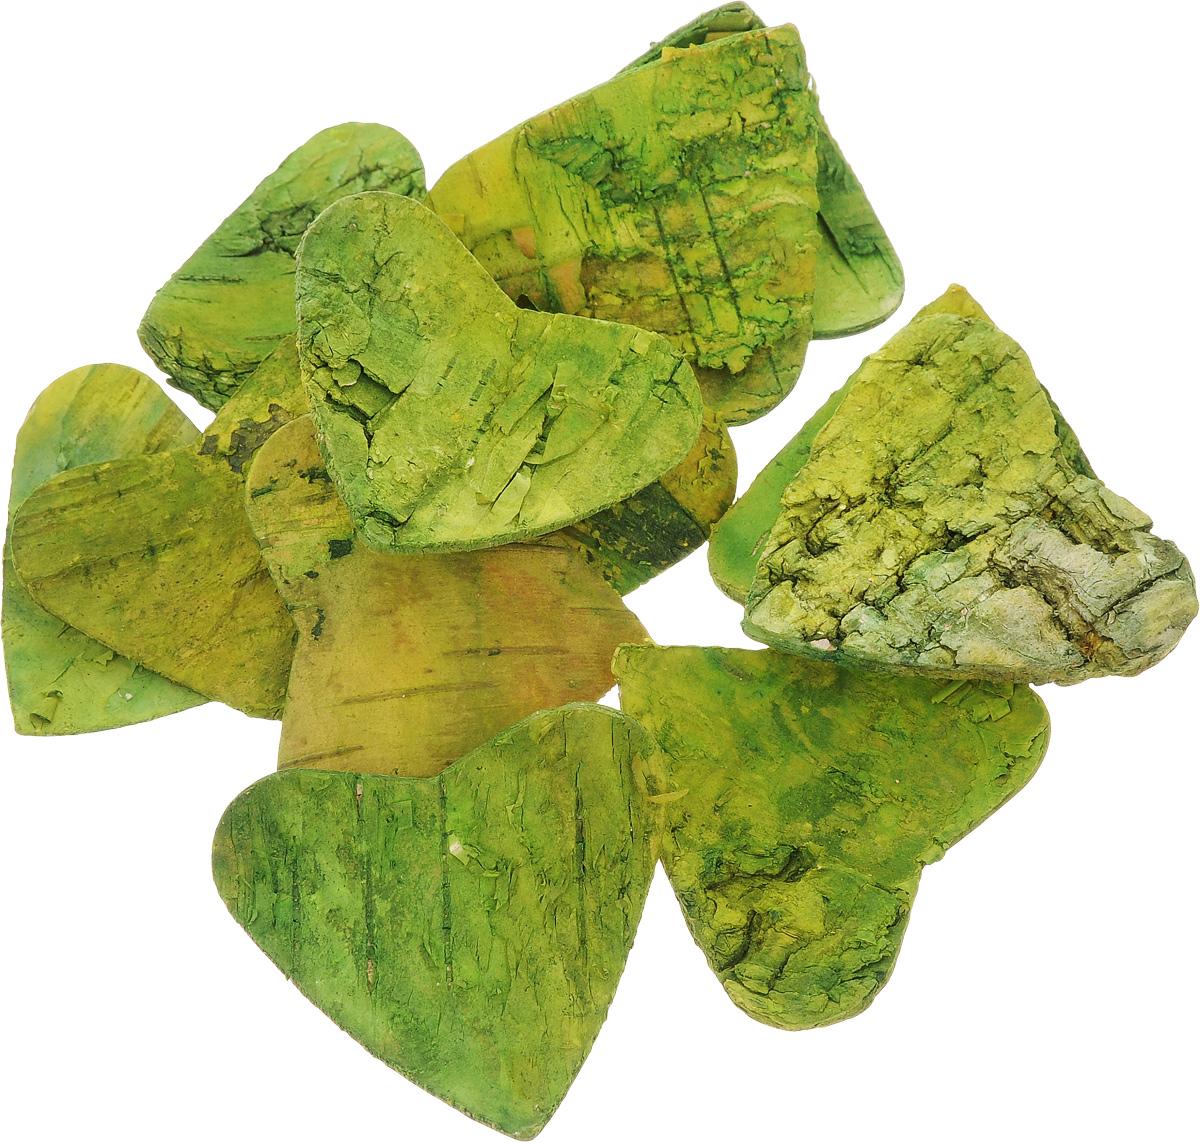 Декоративный элемент Dongjiang Art Сердце, цвет: зеленый, 10 шт7709011_зеленыйДекоративный элемент Dongjiang Art Сердце, изготовленный из натуральной коры дерева, предназначен для украшения цветочных композиций. Изделие можно также использовать в технике скрапбукинг и многом другом.Флористика - вид декоративно-прикладного искусства, который использует живые, засушенные иликонсервированные природные материалы для создания флористических работ. Это целый мир, в котором естьместо и строгому математическому расчету, и вдохновению.Размеры одного элемента: 5 х 5 см.